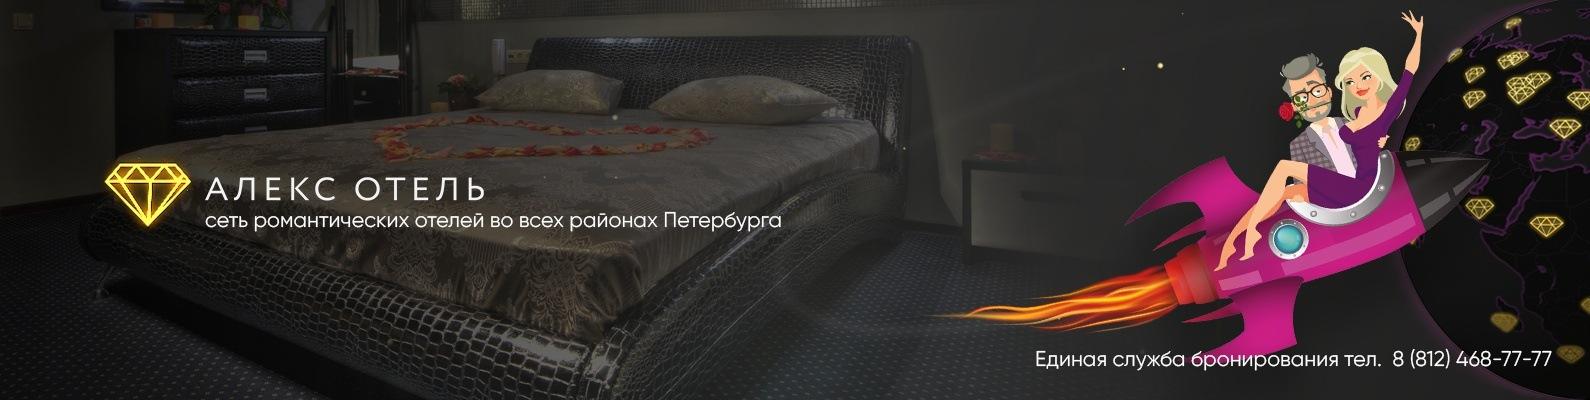 мини отель алекс на богатырском